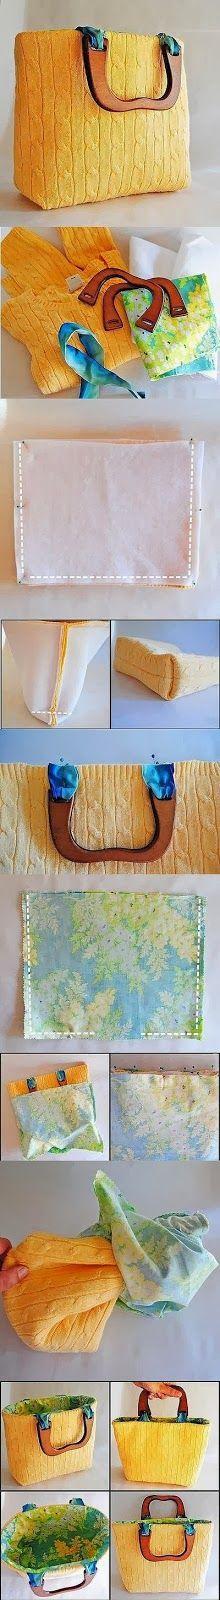 Cantinho craft da Nana: Bolsa de trico- reaproveitando blusas de trico